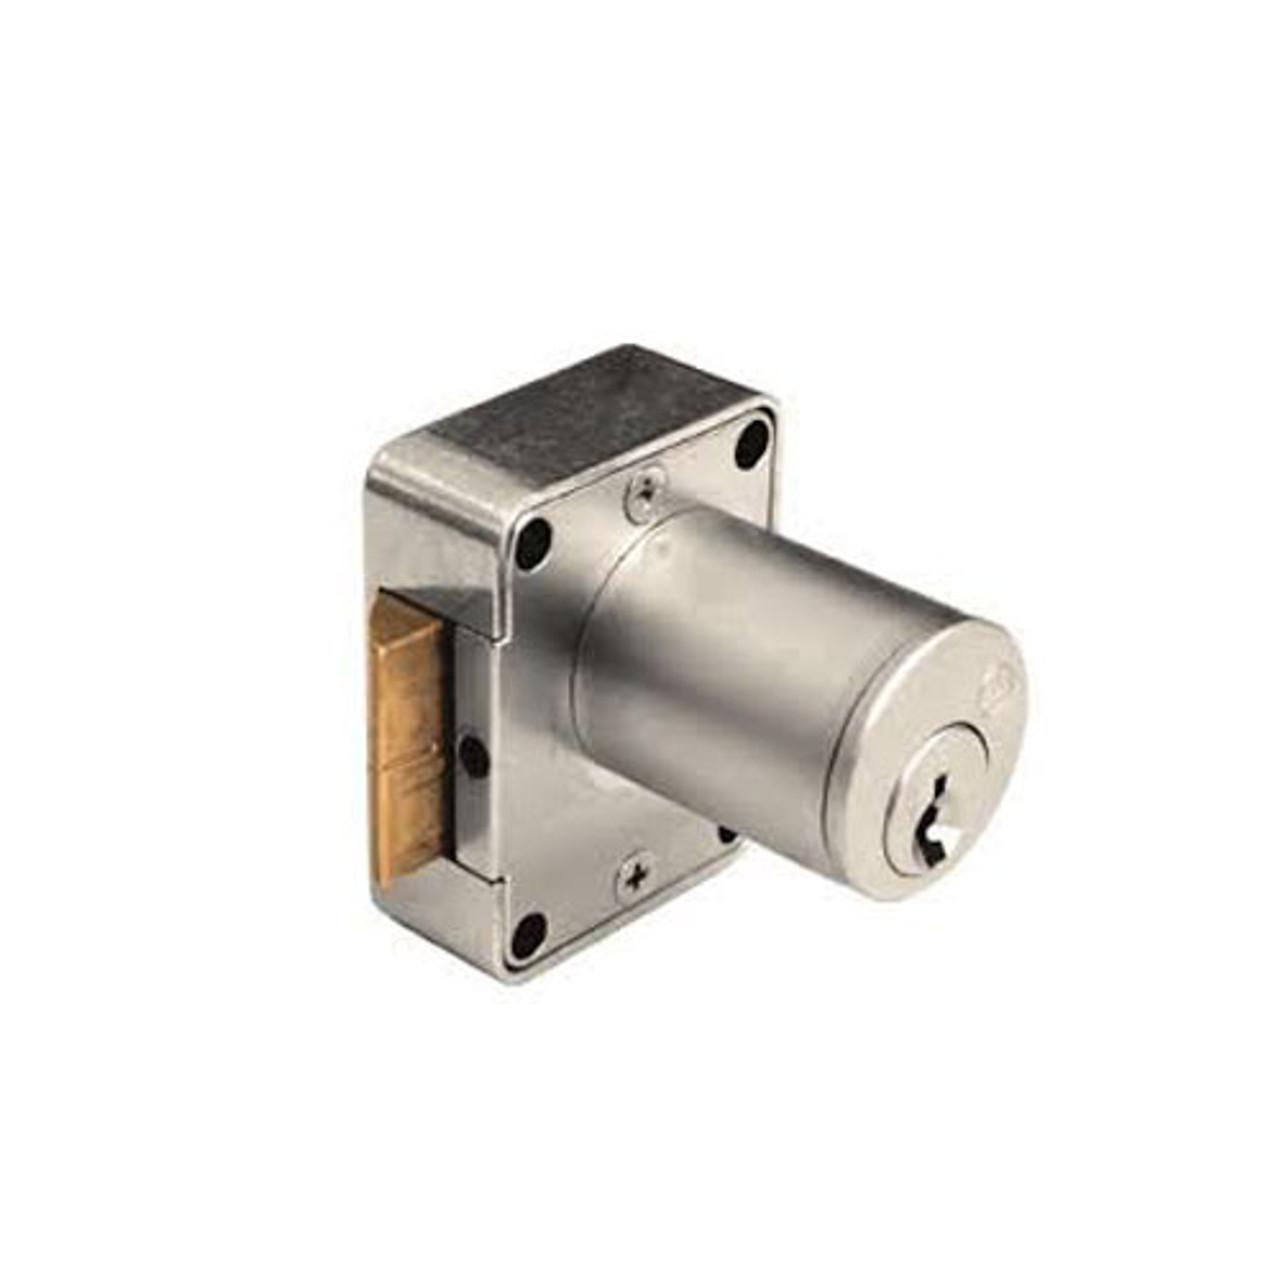 Olympus 999R-RH-KA101-26D-7/8 Cabinet Locks in Satin Chrome Finish